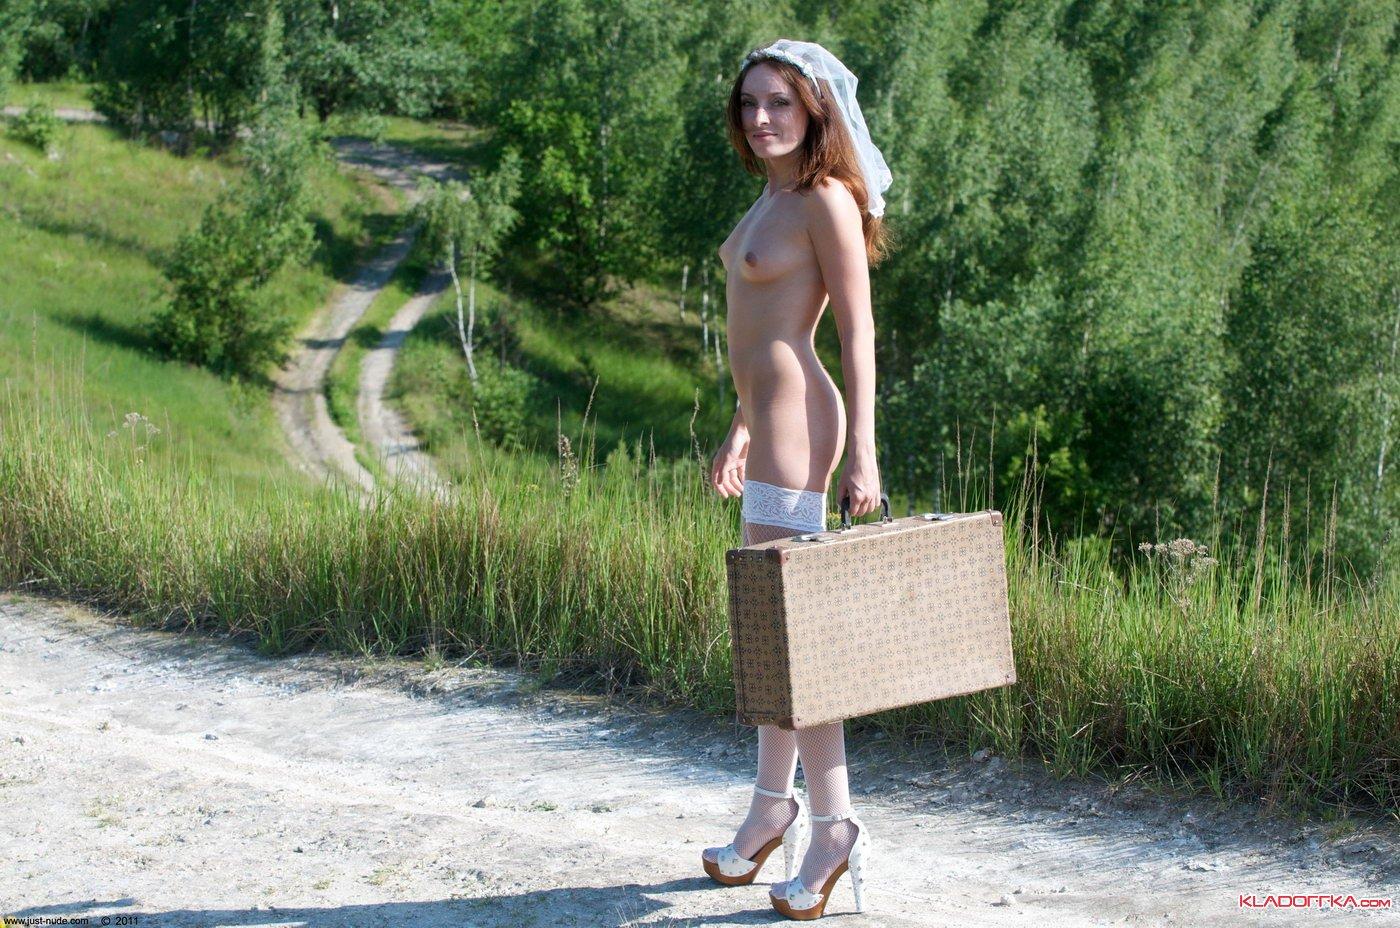 Украинскую модель Алису